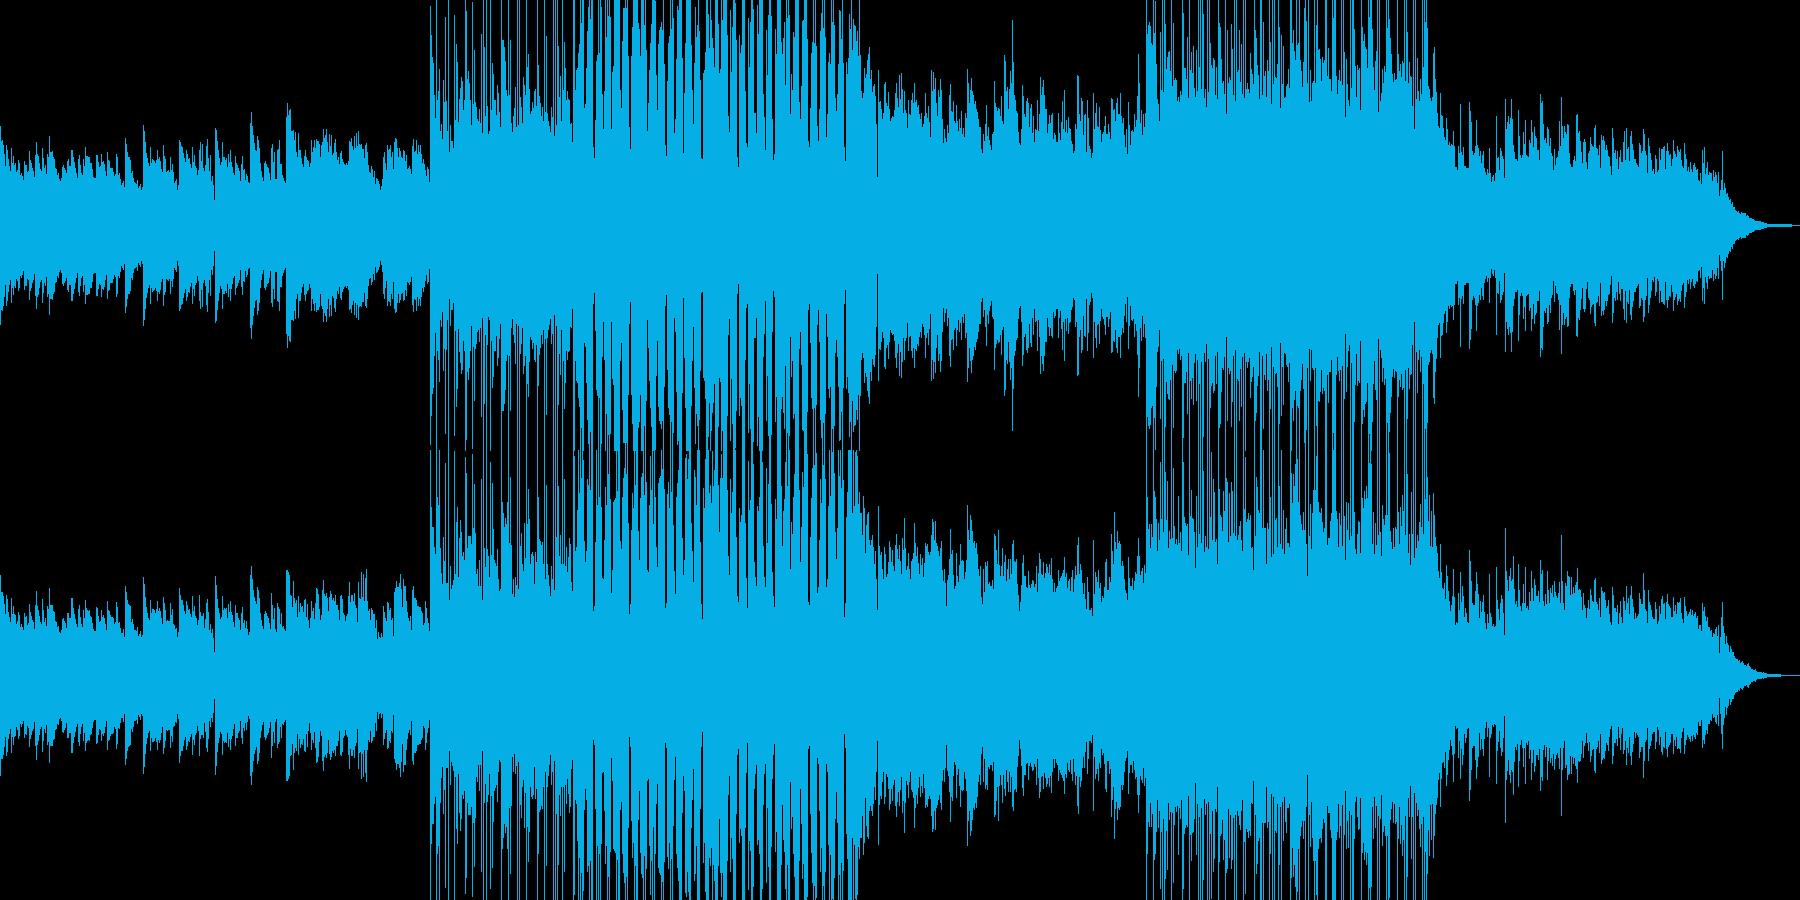 優しげで暖かなバラードの再生済みの波形